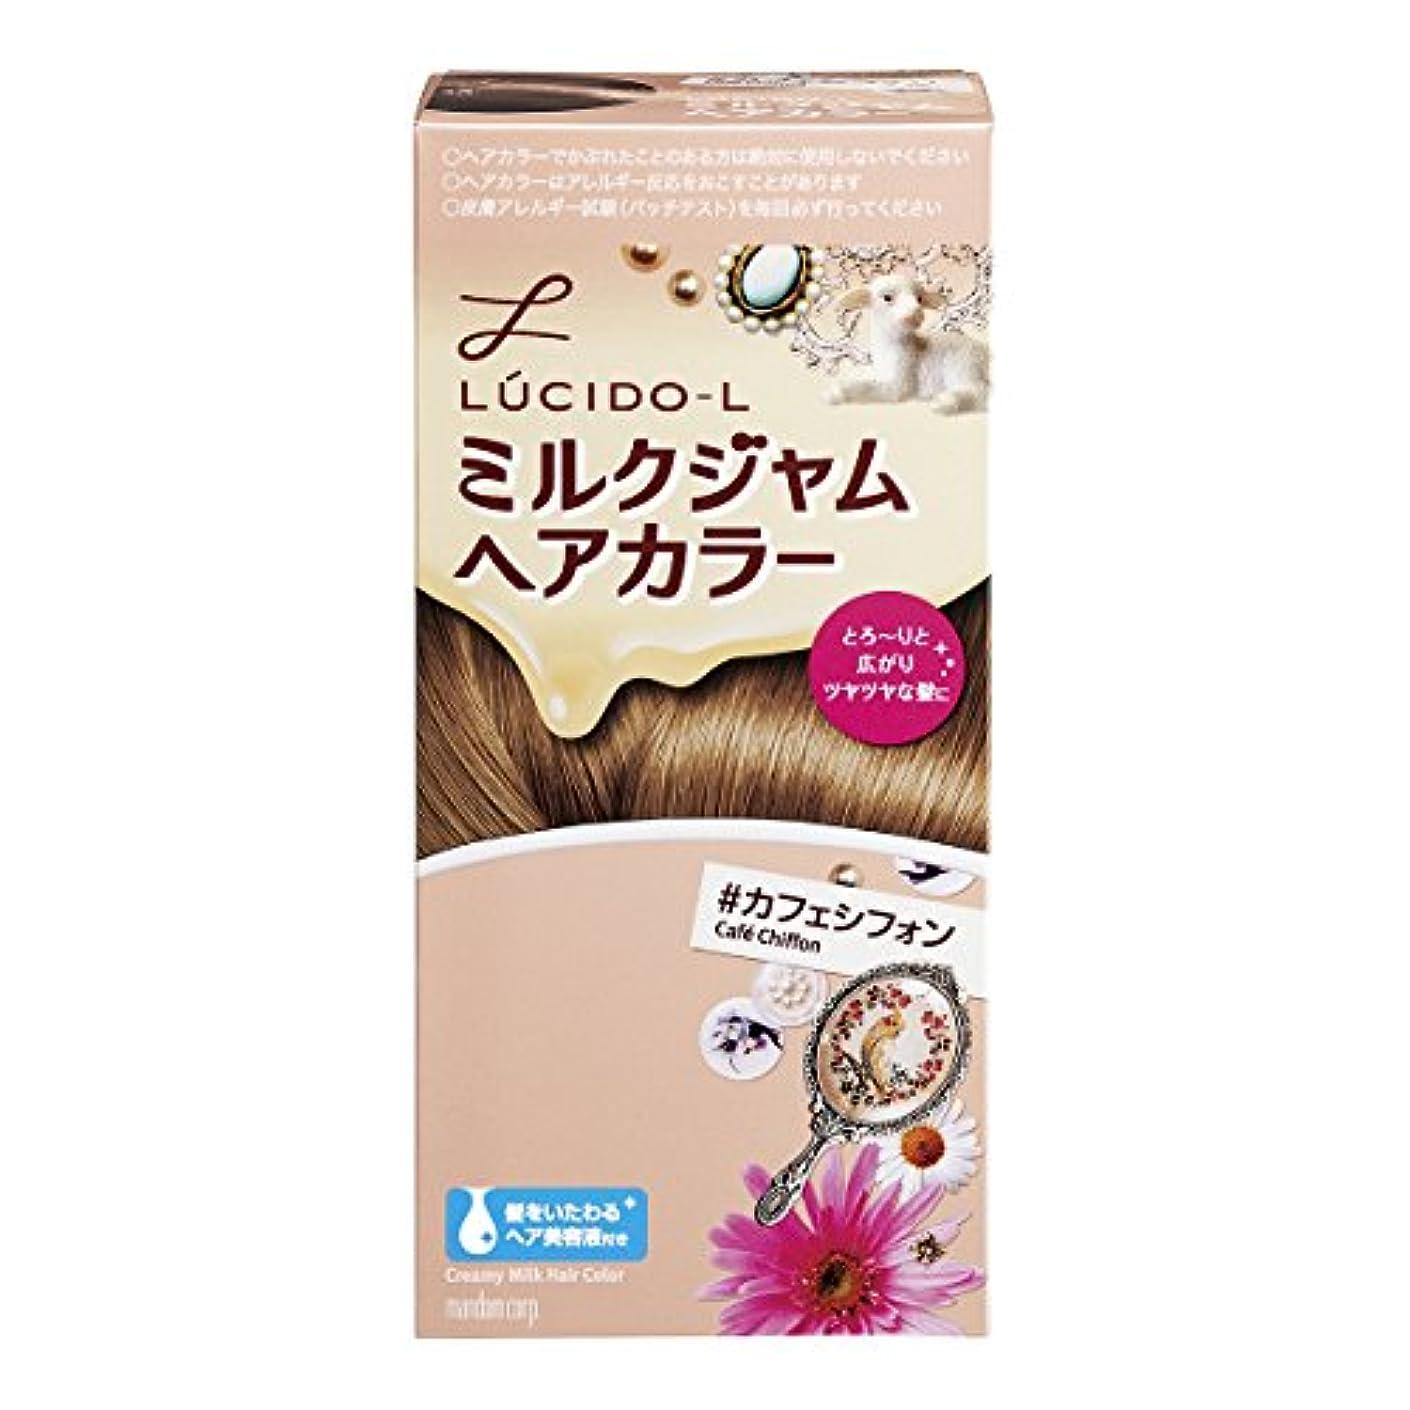 仮装ユニークな一掃するLUCIDO-L (ルシードエル) ミルクジャムヘアカラー #カフェシフォン(医薬部外品) (1剤40g 2剤80mL TR5g)